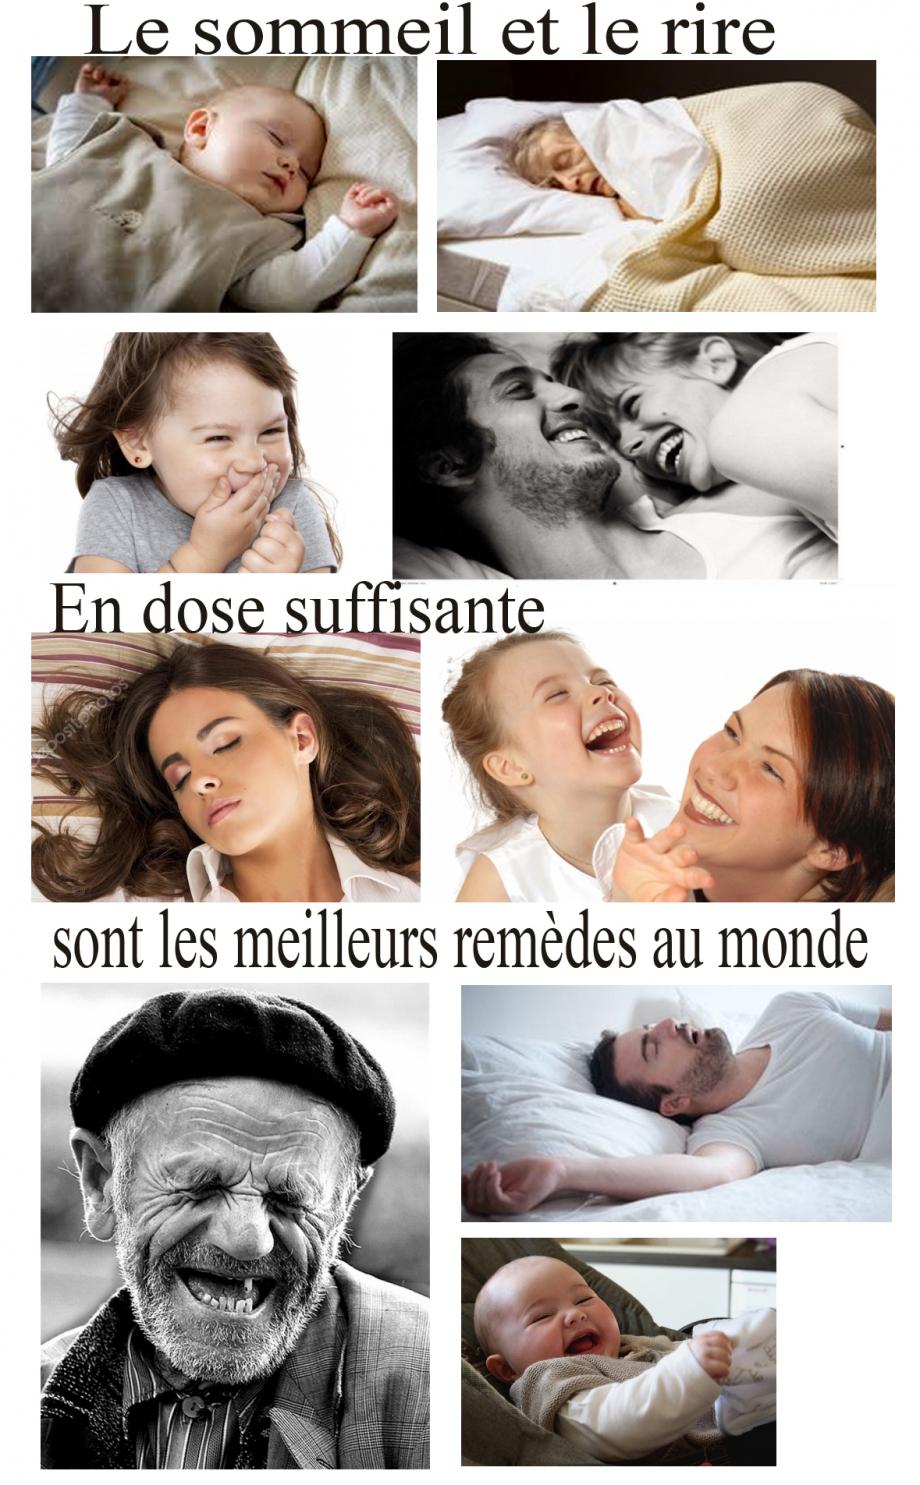 rire et sommeil.jpg